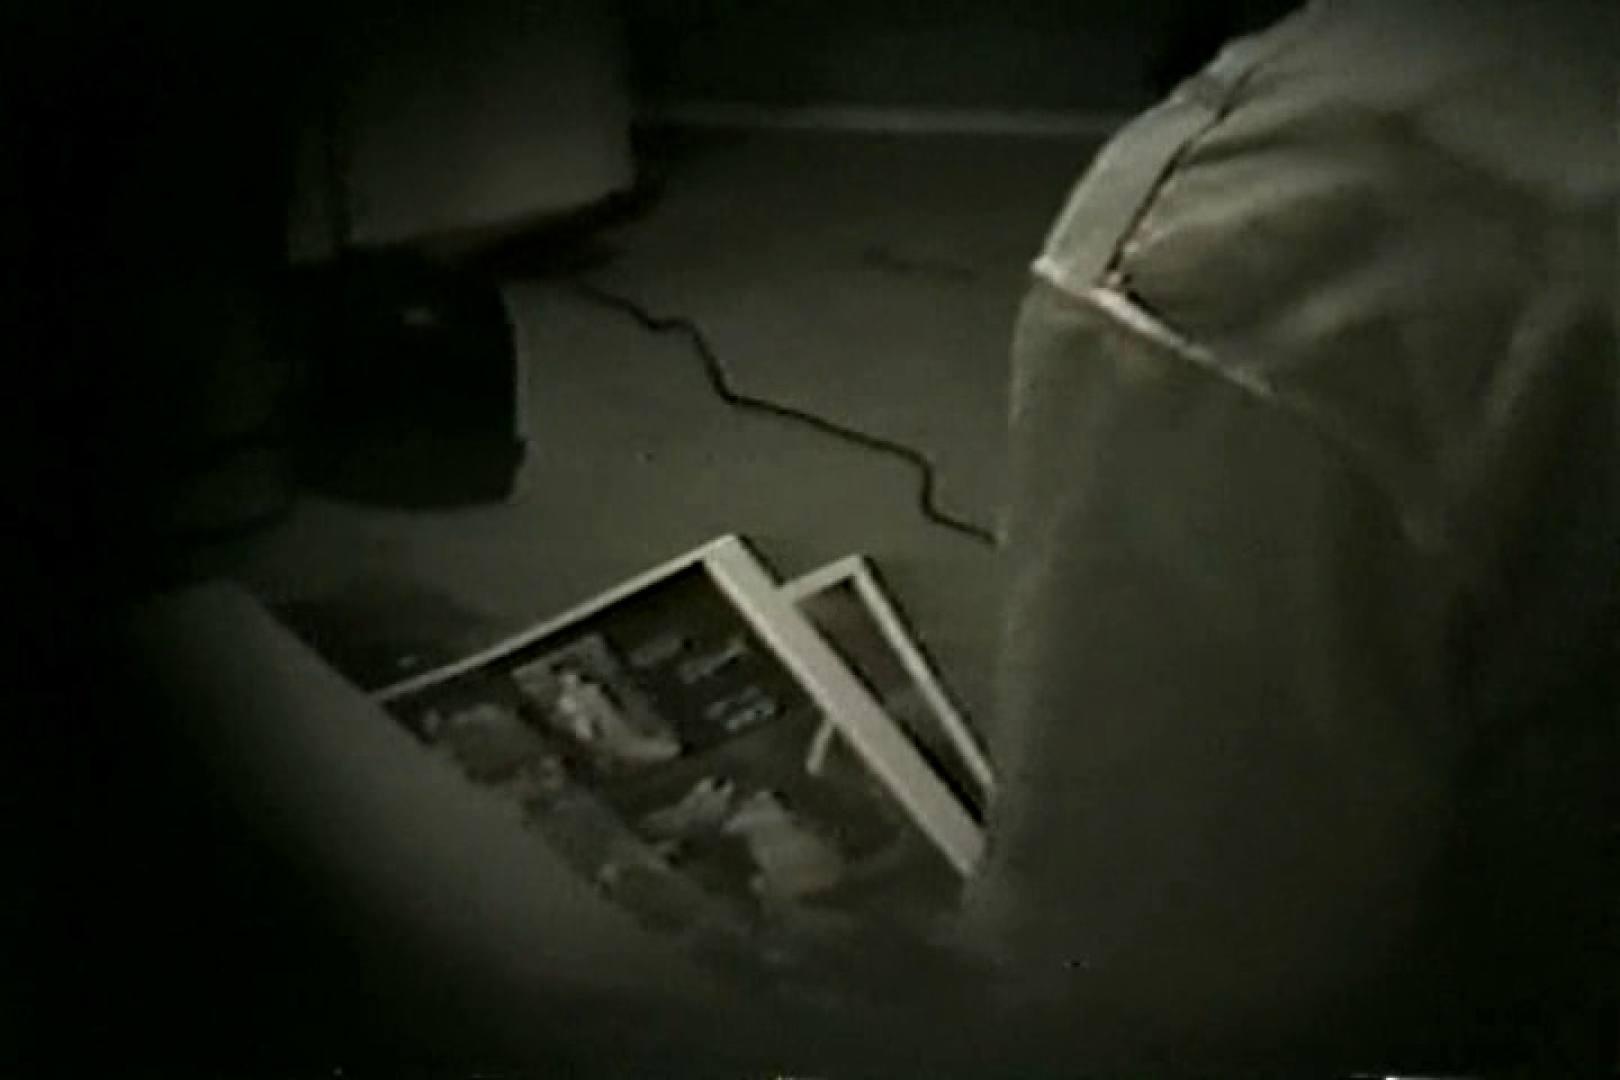 深夜の撮影会Vol.6 企画 隠し撮りオマンコ動画紹介 102連発 79